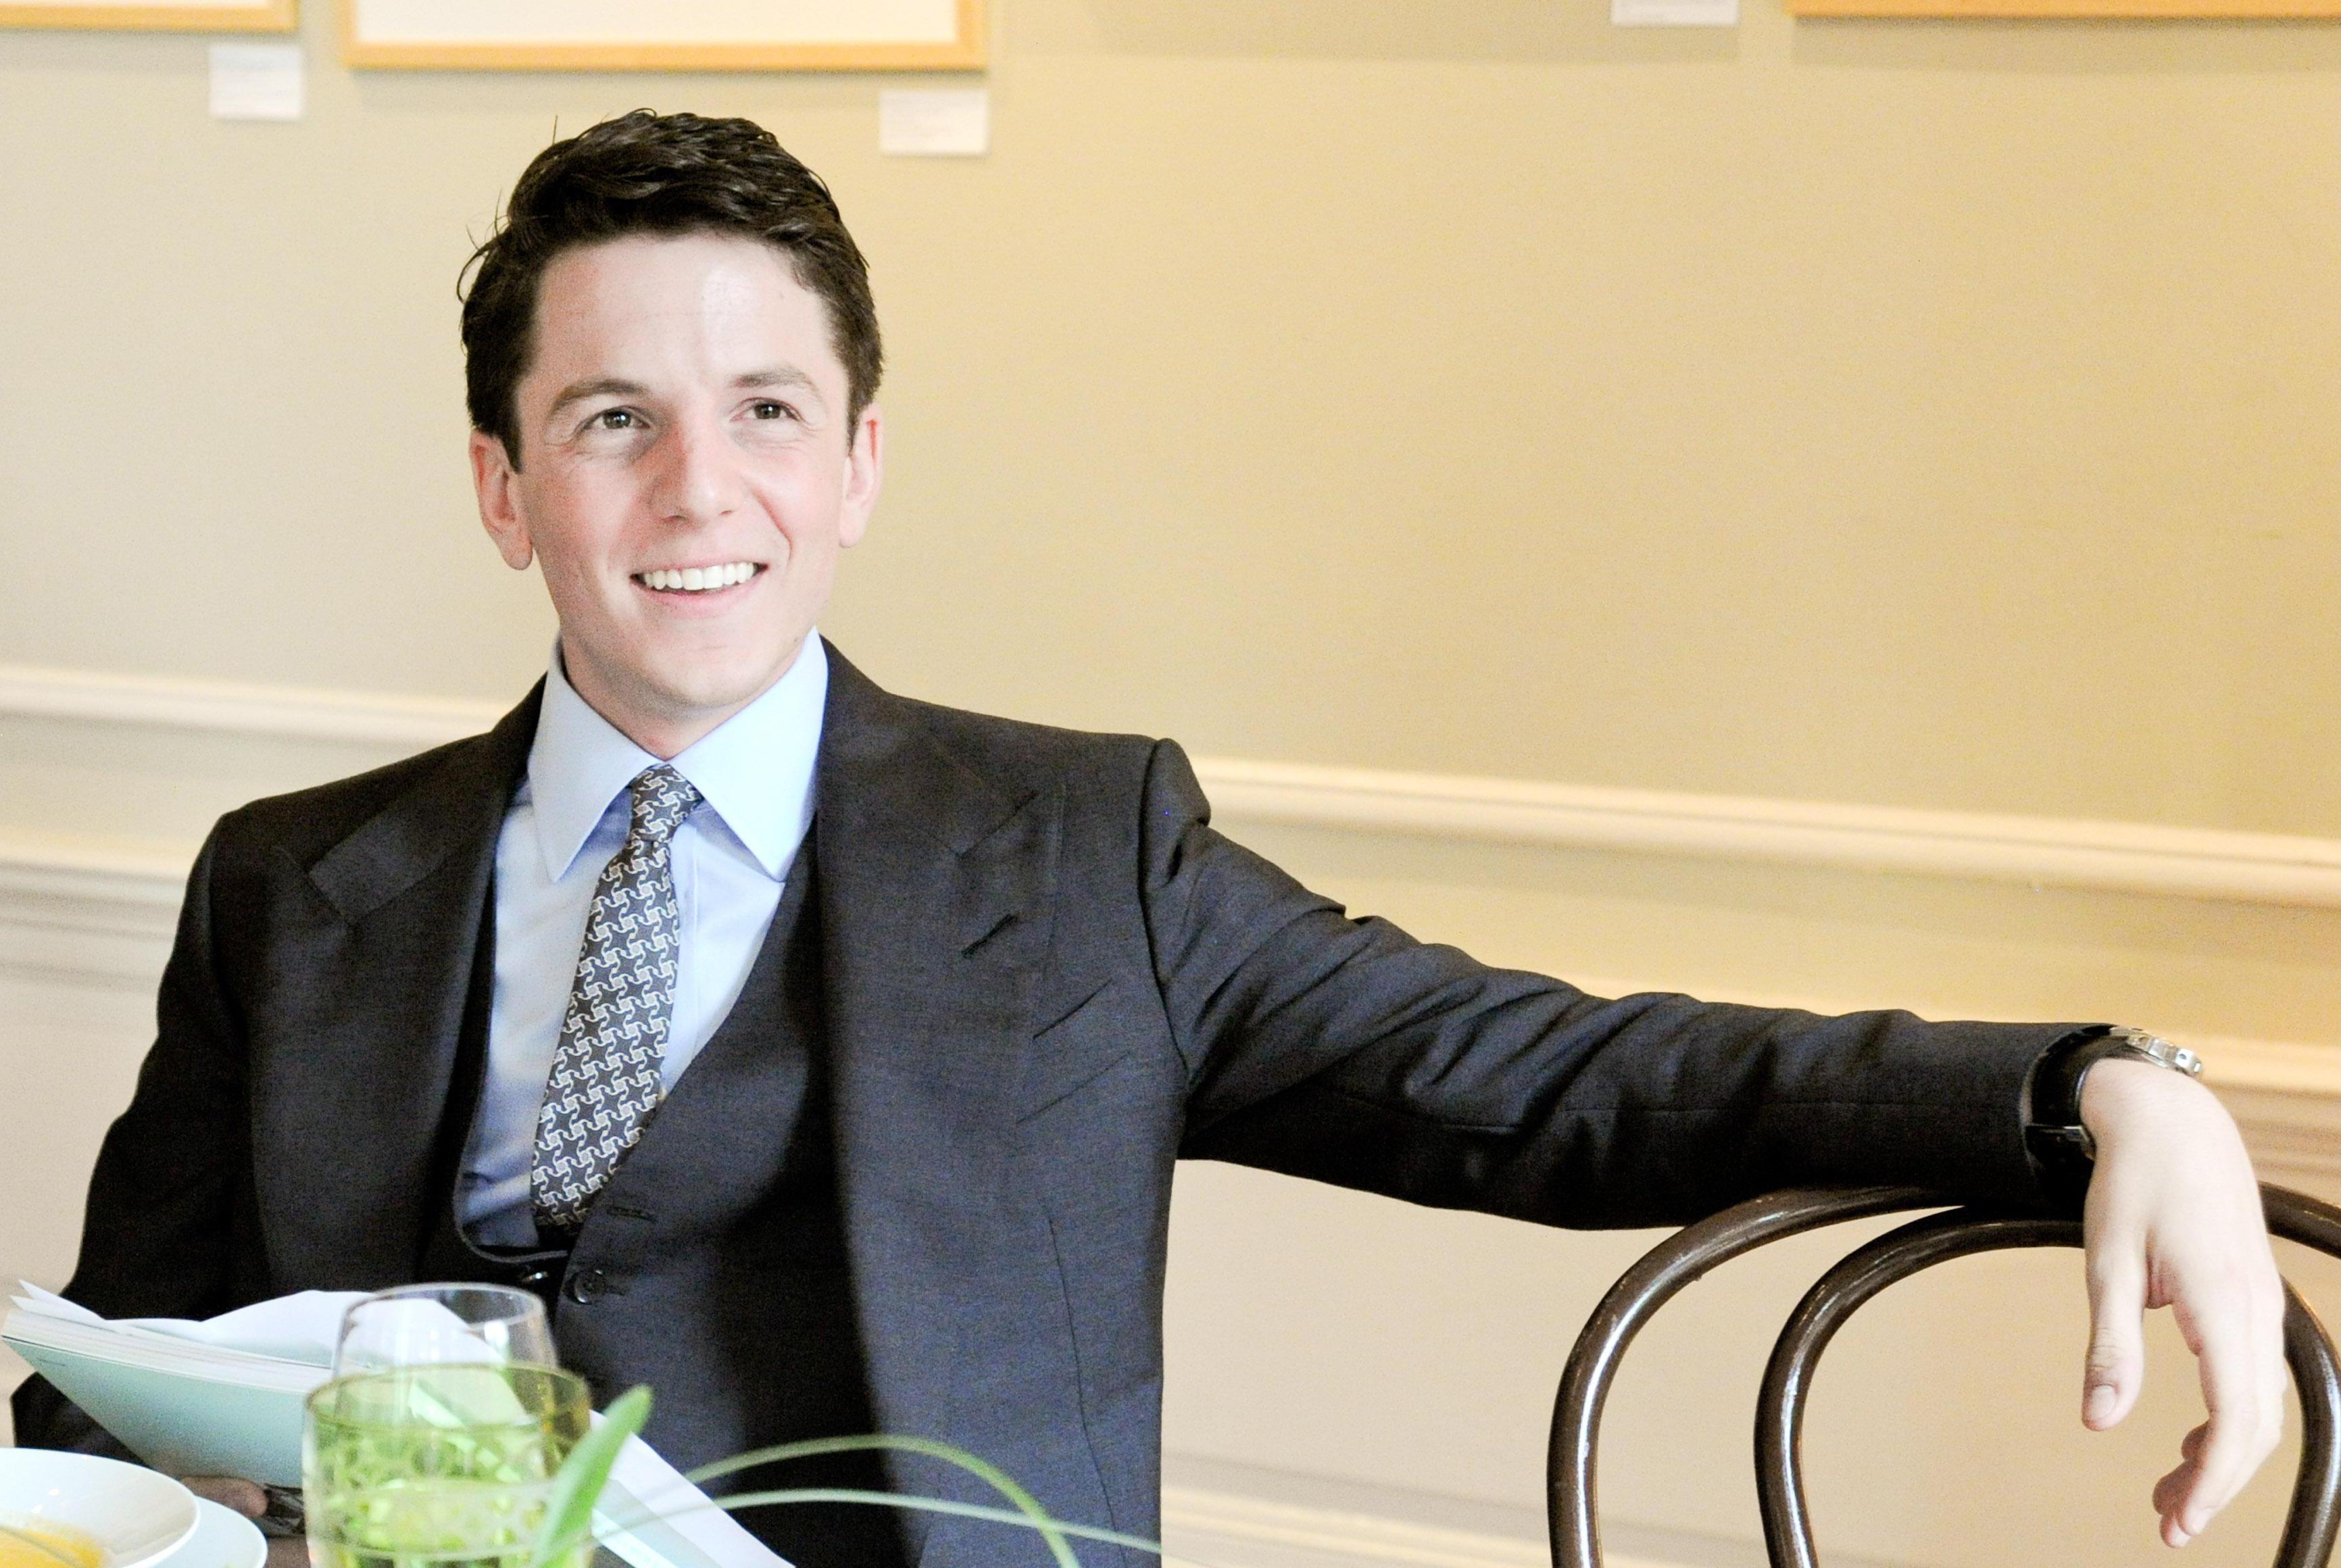 少年成名的奢侈品鉴定专家 Matthew Rubinger